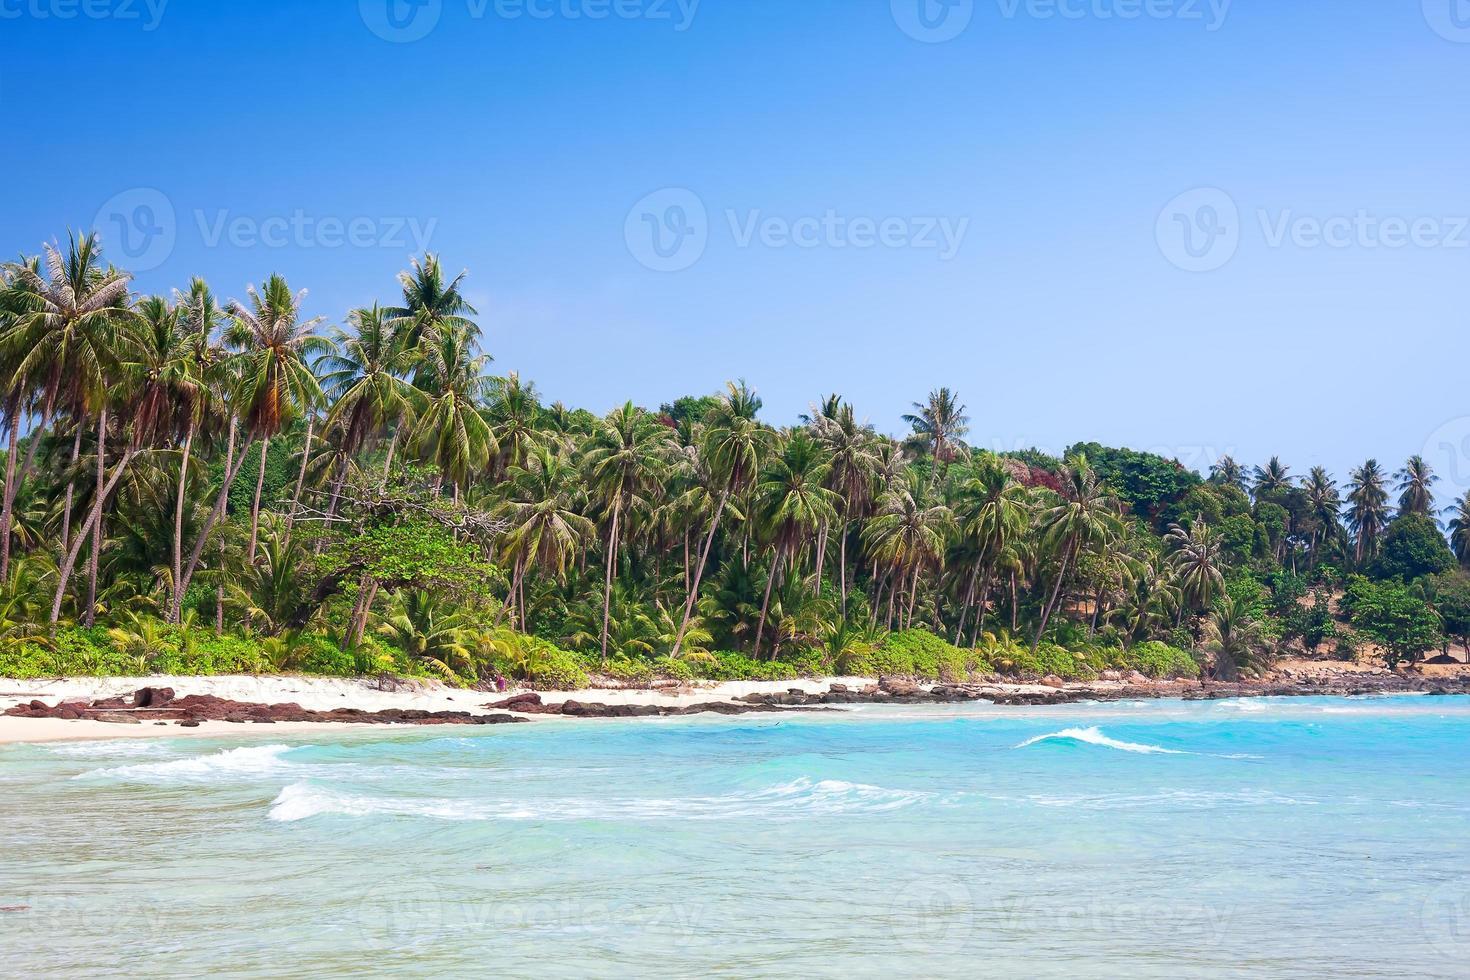 tropischer weißer Sandstrand mit Palmen. Koh Kood, Thailand foto